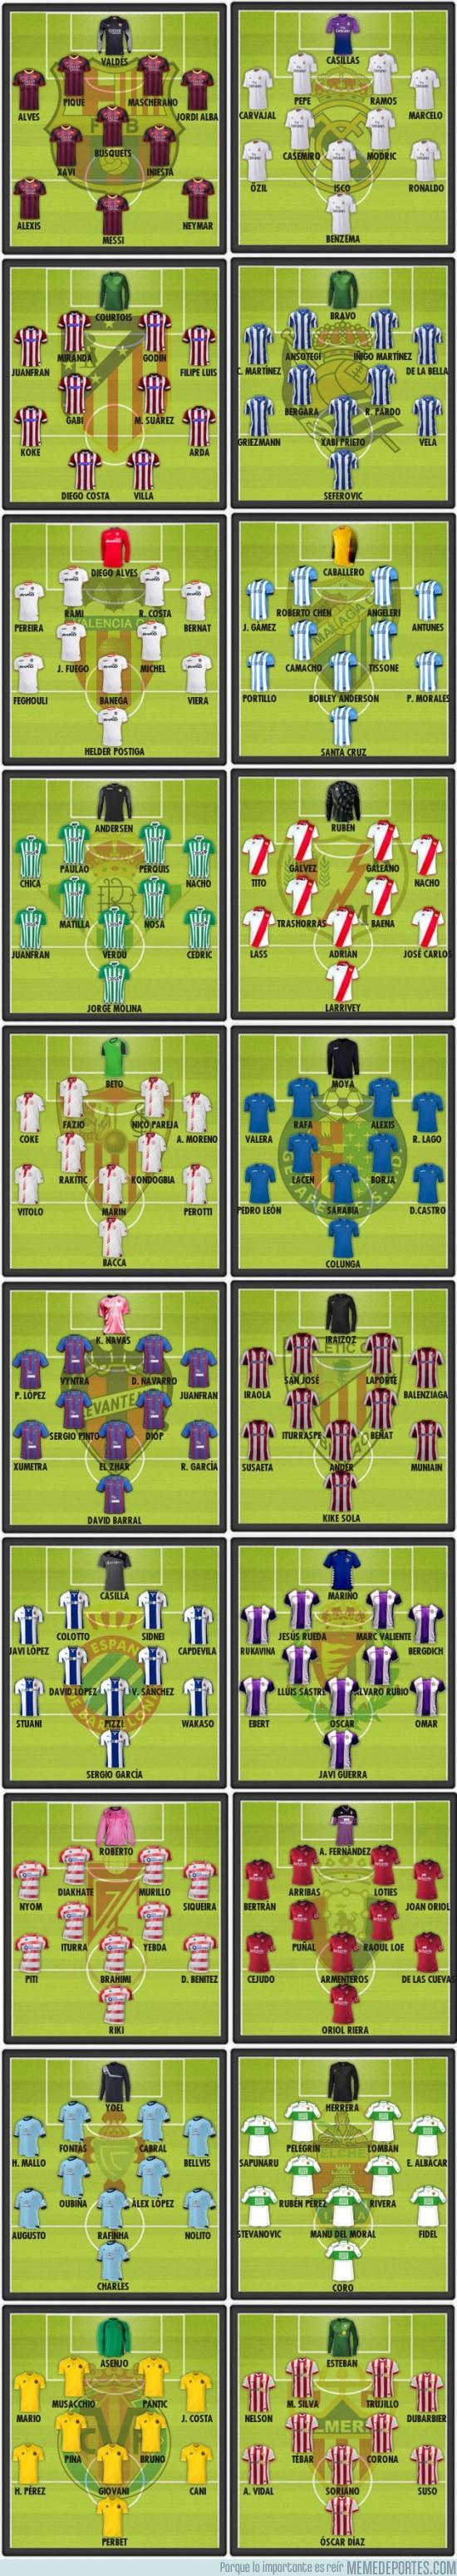 176303 - Los Once más esperados para la Liga